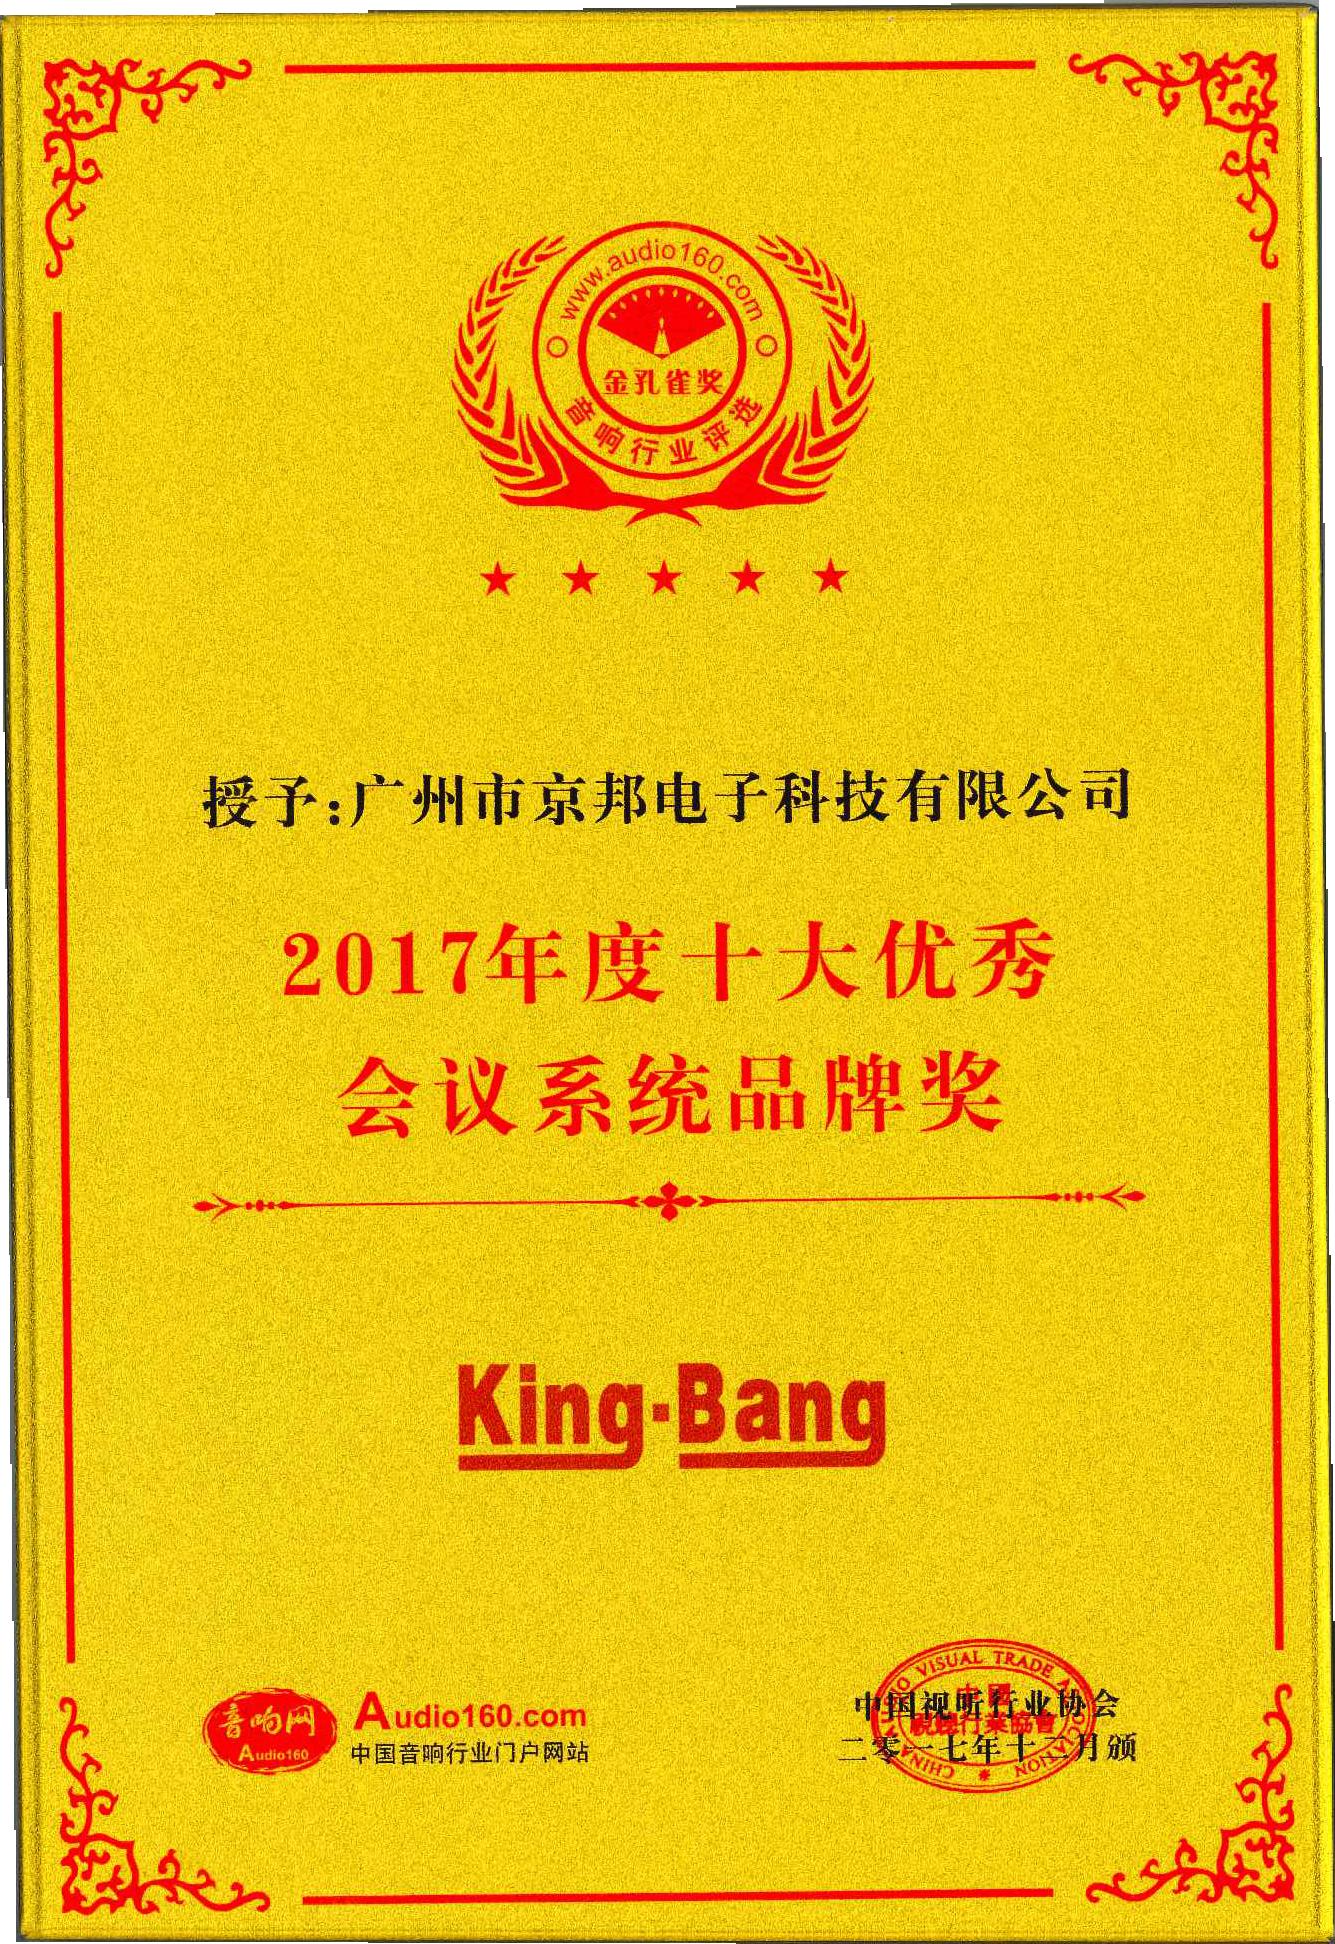 京邦2017年十大优秀会议系统品牌